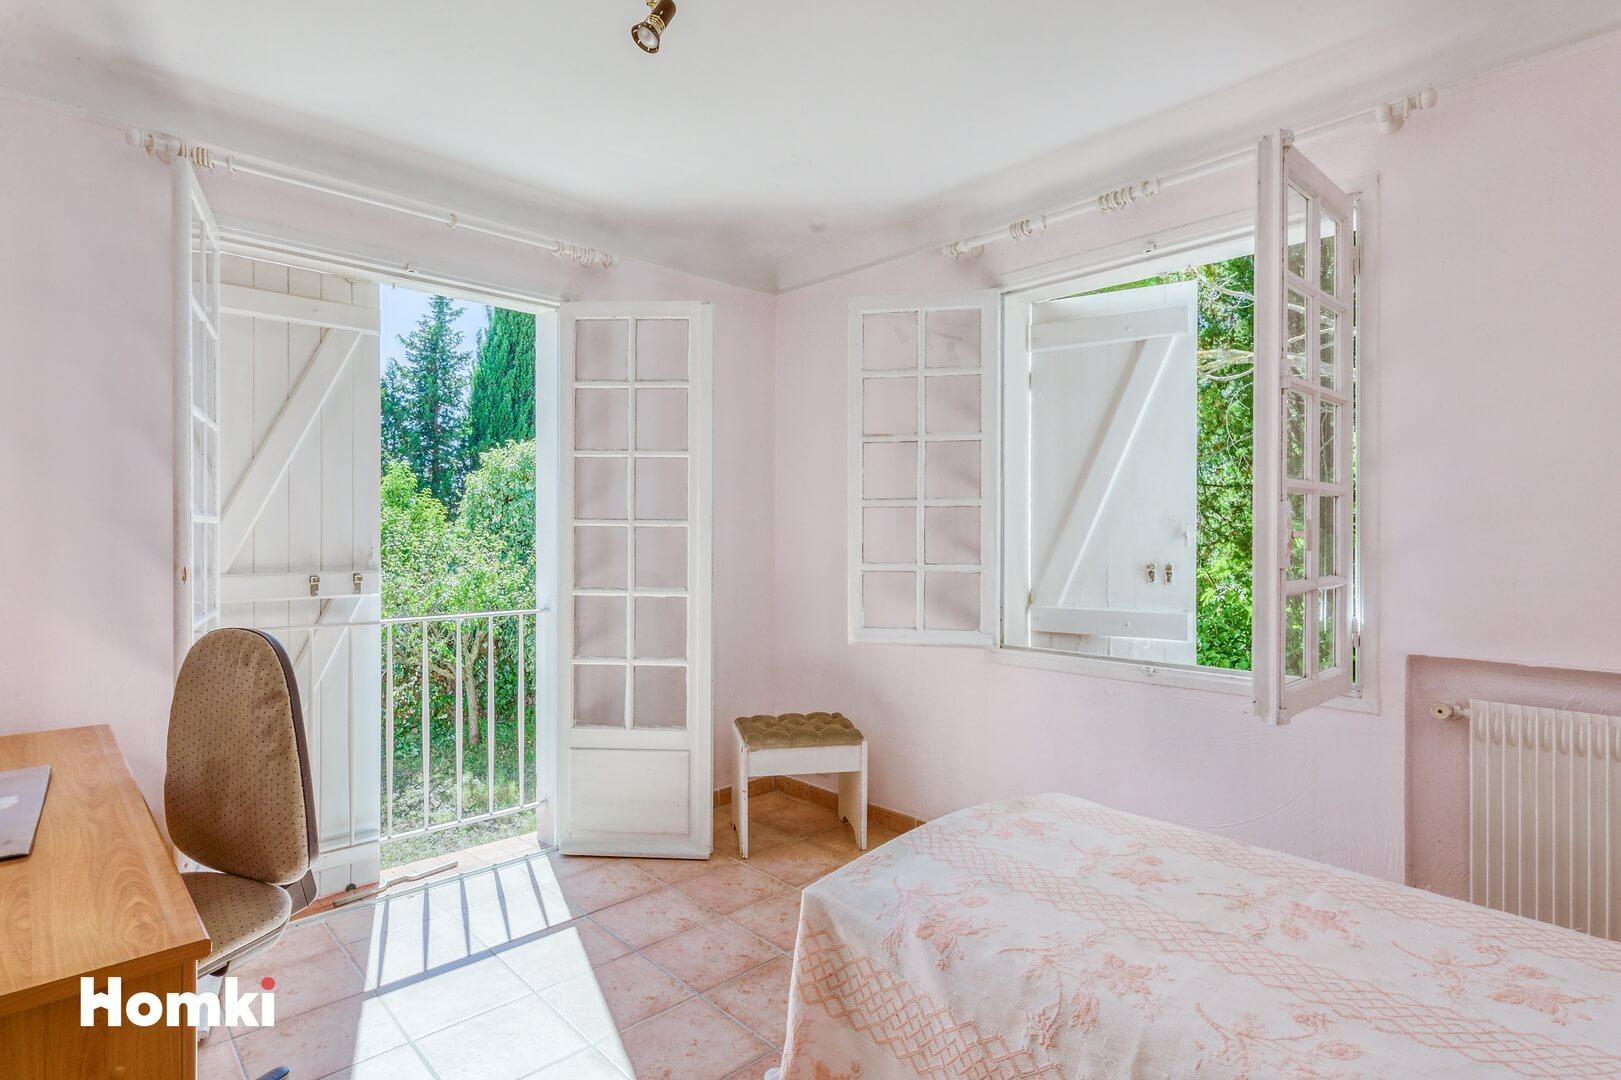 Homki - Vente Maison/villa  de 219.0 m² à Mougins 06250